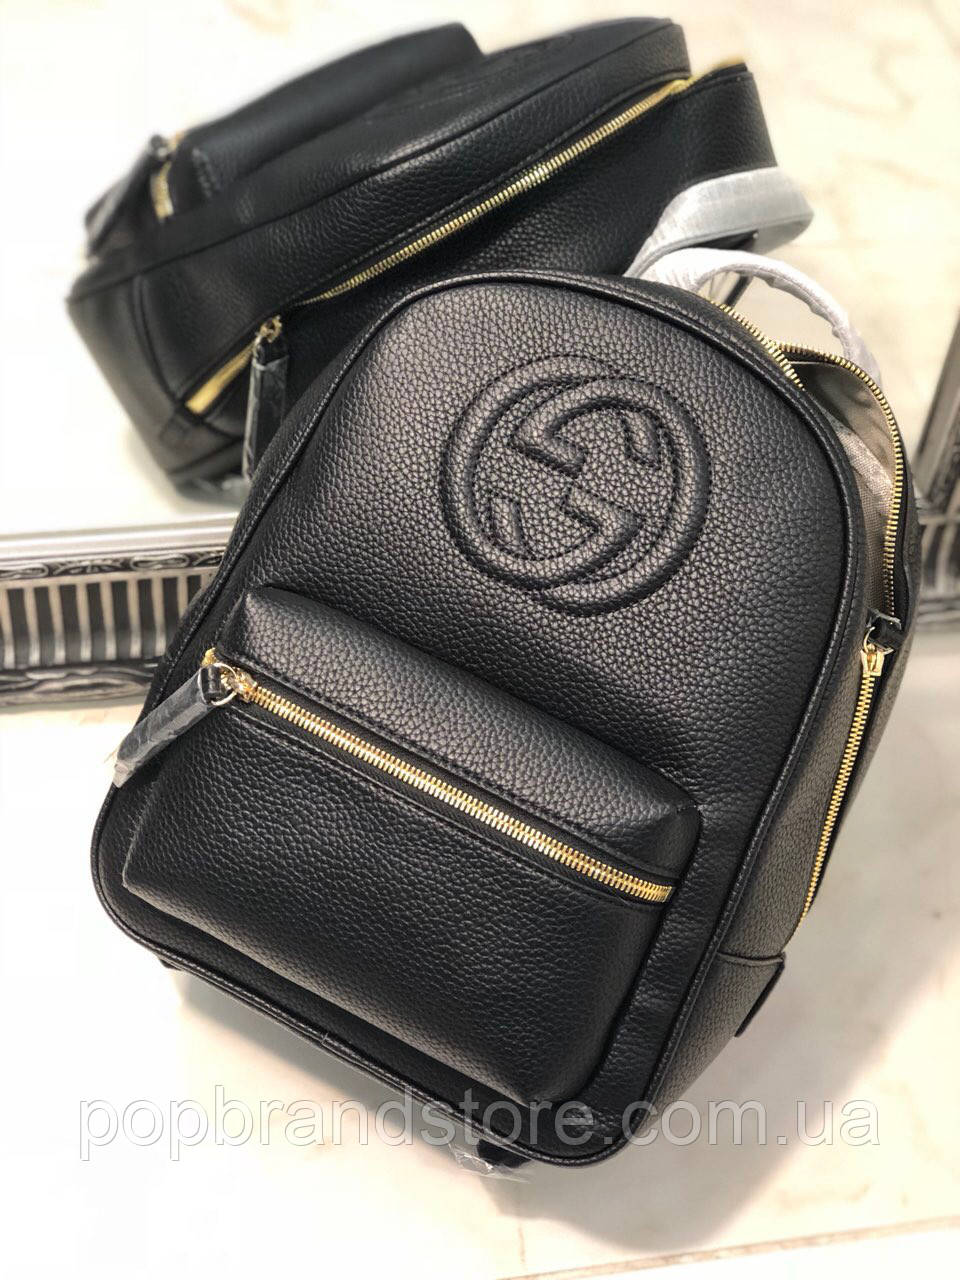 e5ea1aaa1bd3 Стильный женский кожаный рюкзак Gucci (реплика): продажа, цена в ...